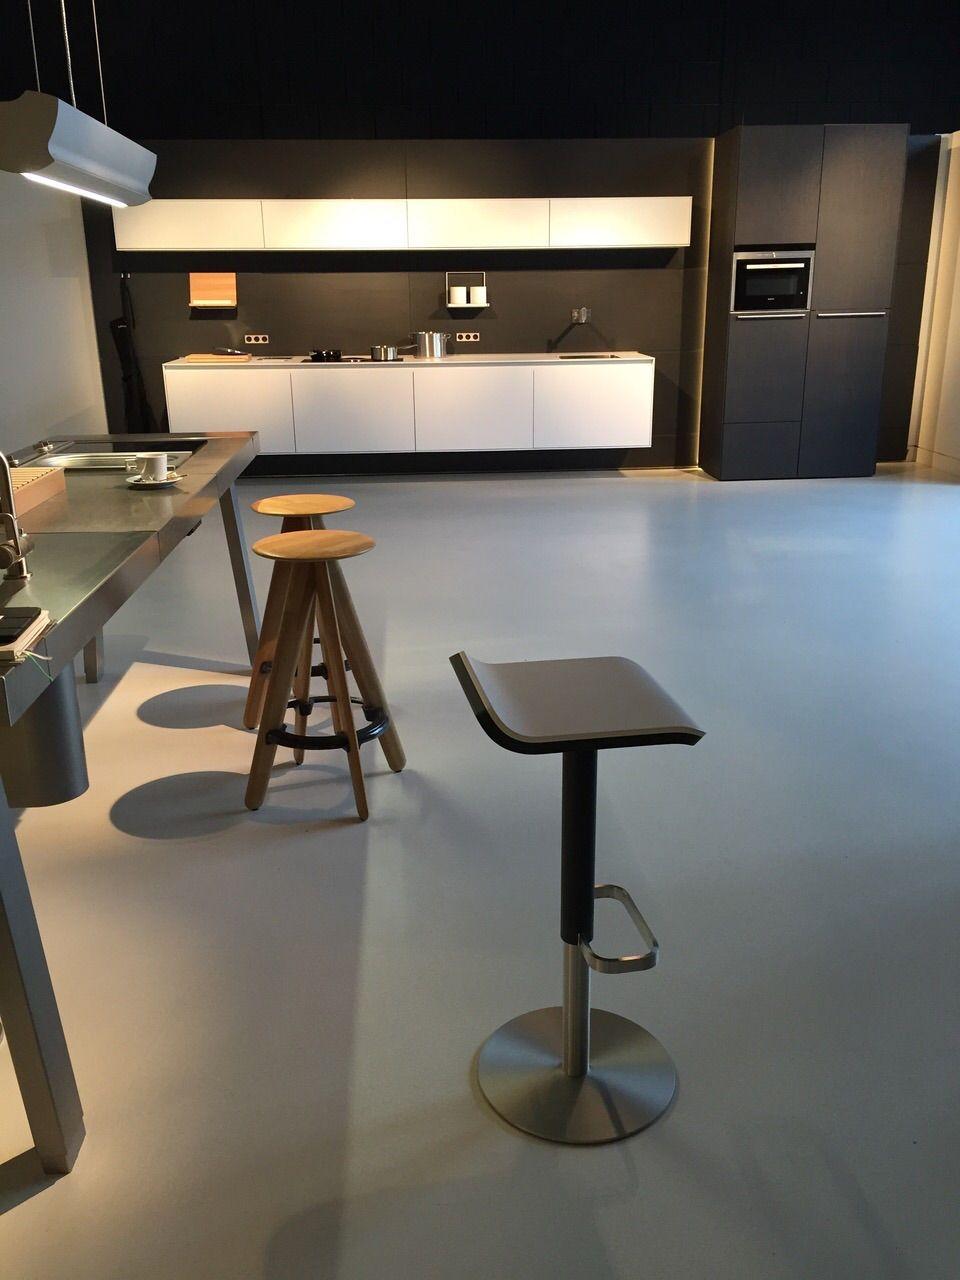 #Bulthaup Kitchen And Barstool ED In Grey #Tabouret De Bar ED Classique  élègent #barhocker #Höhenverstellbar #küche Barhocker In Grau Und Weiss